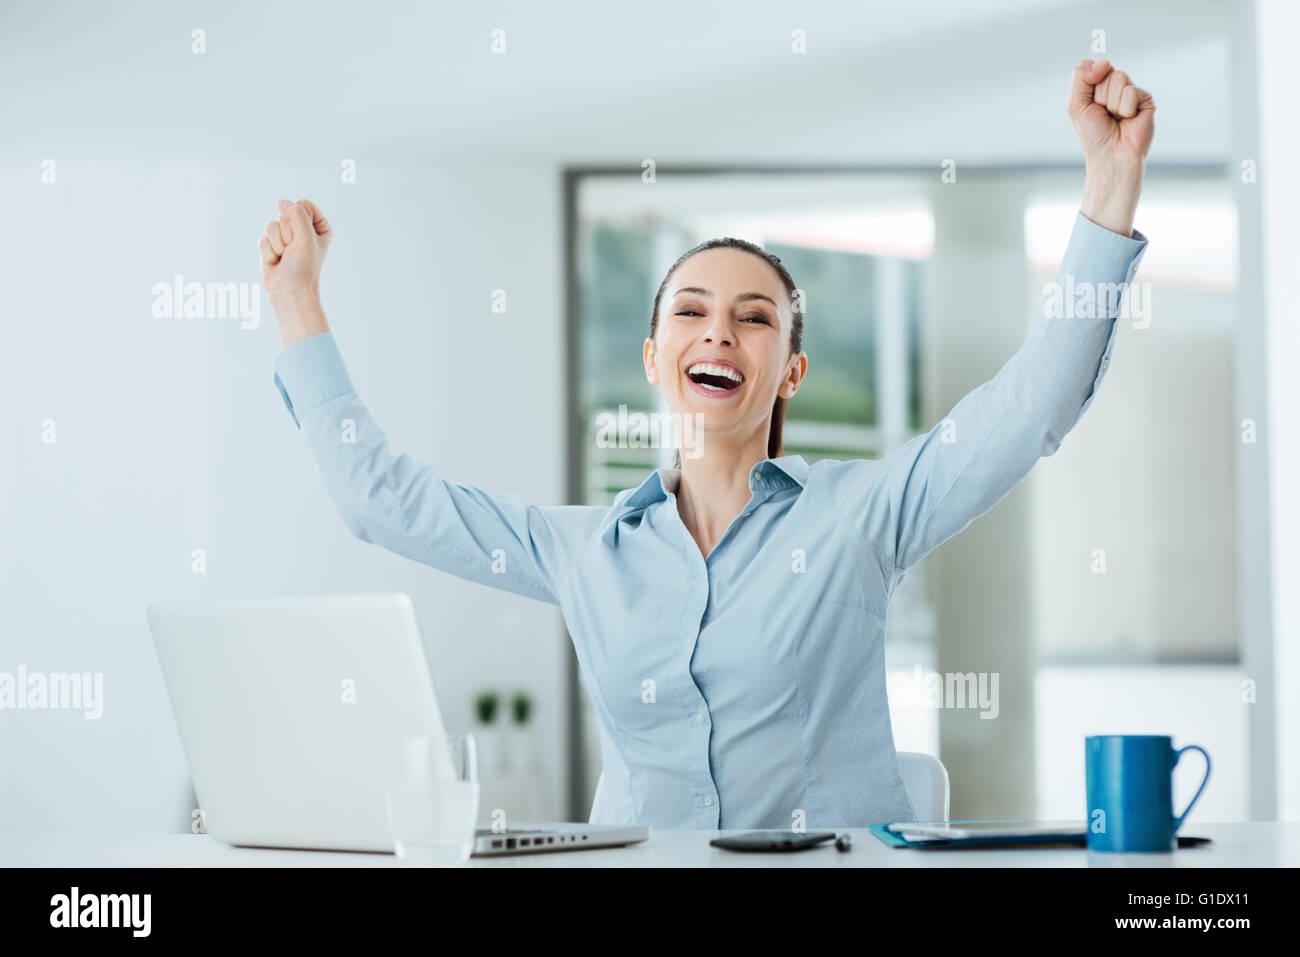 Exitosa empresaria alegres con puños en alto sentado en la oficina, el logro y la satisfacción concepto Imagen De Stock